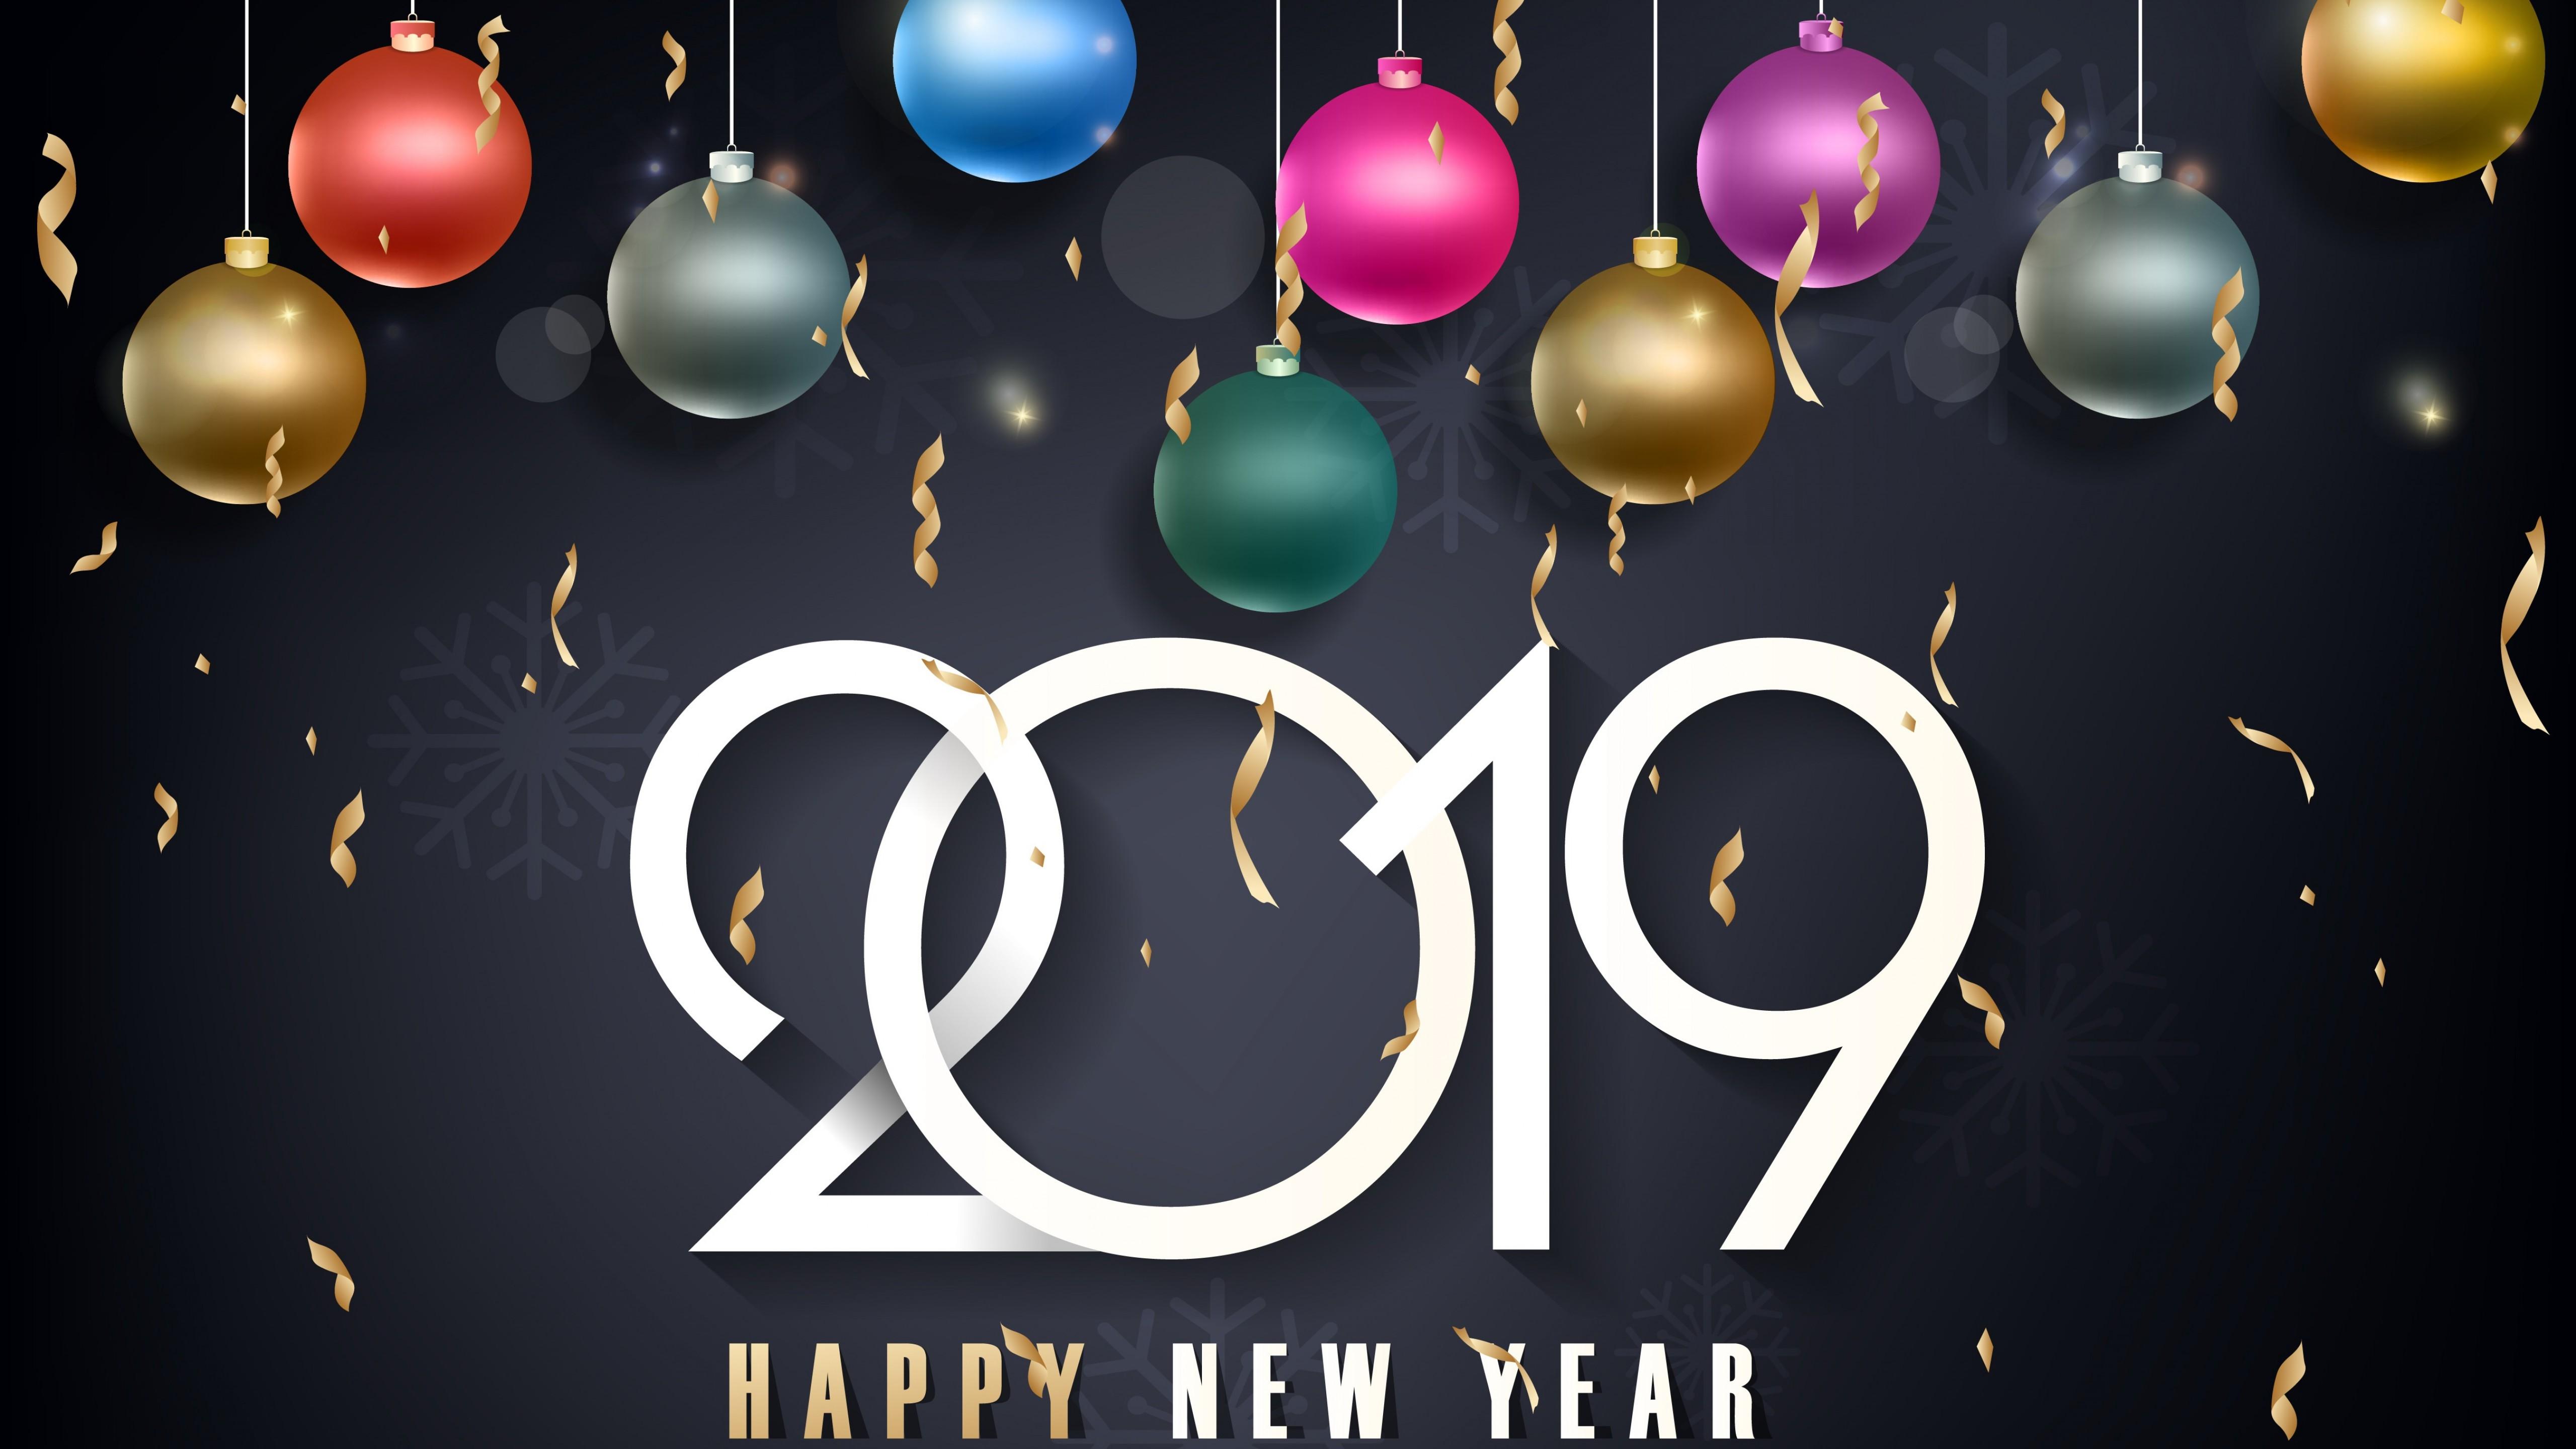 Tải ảnh năm mới 2019